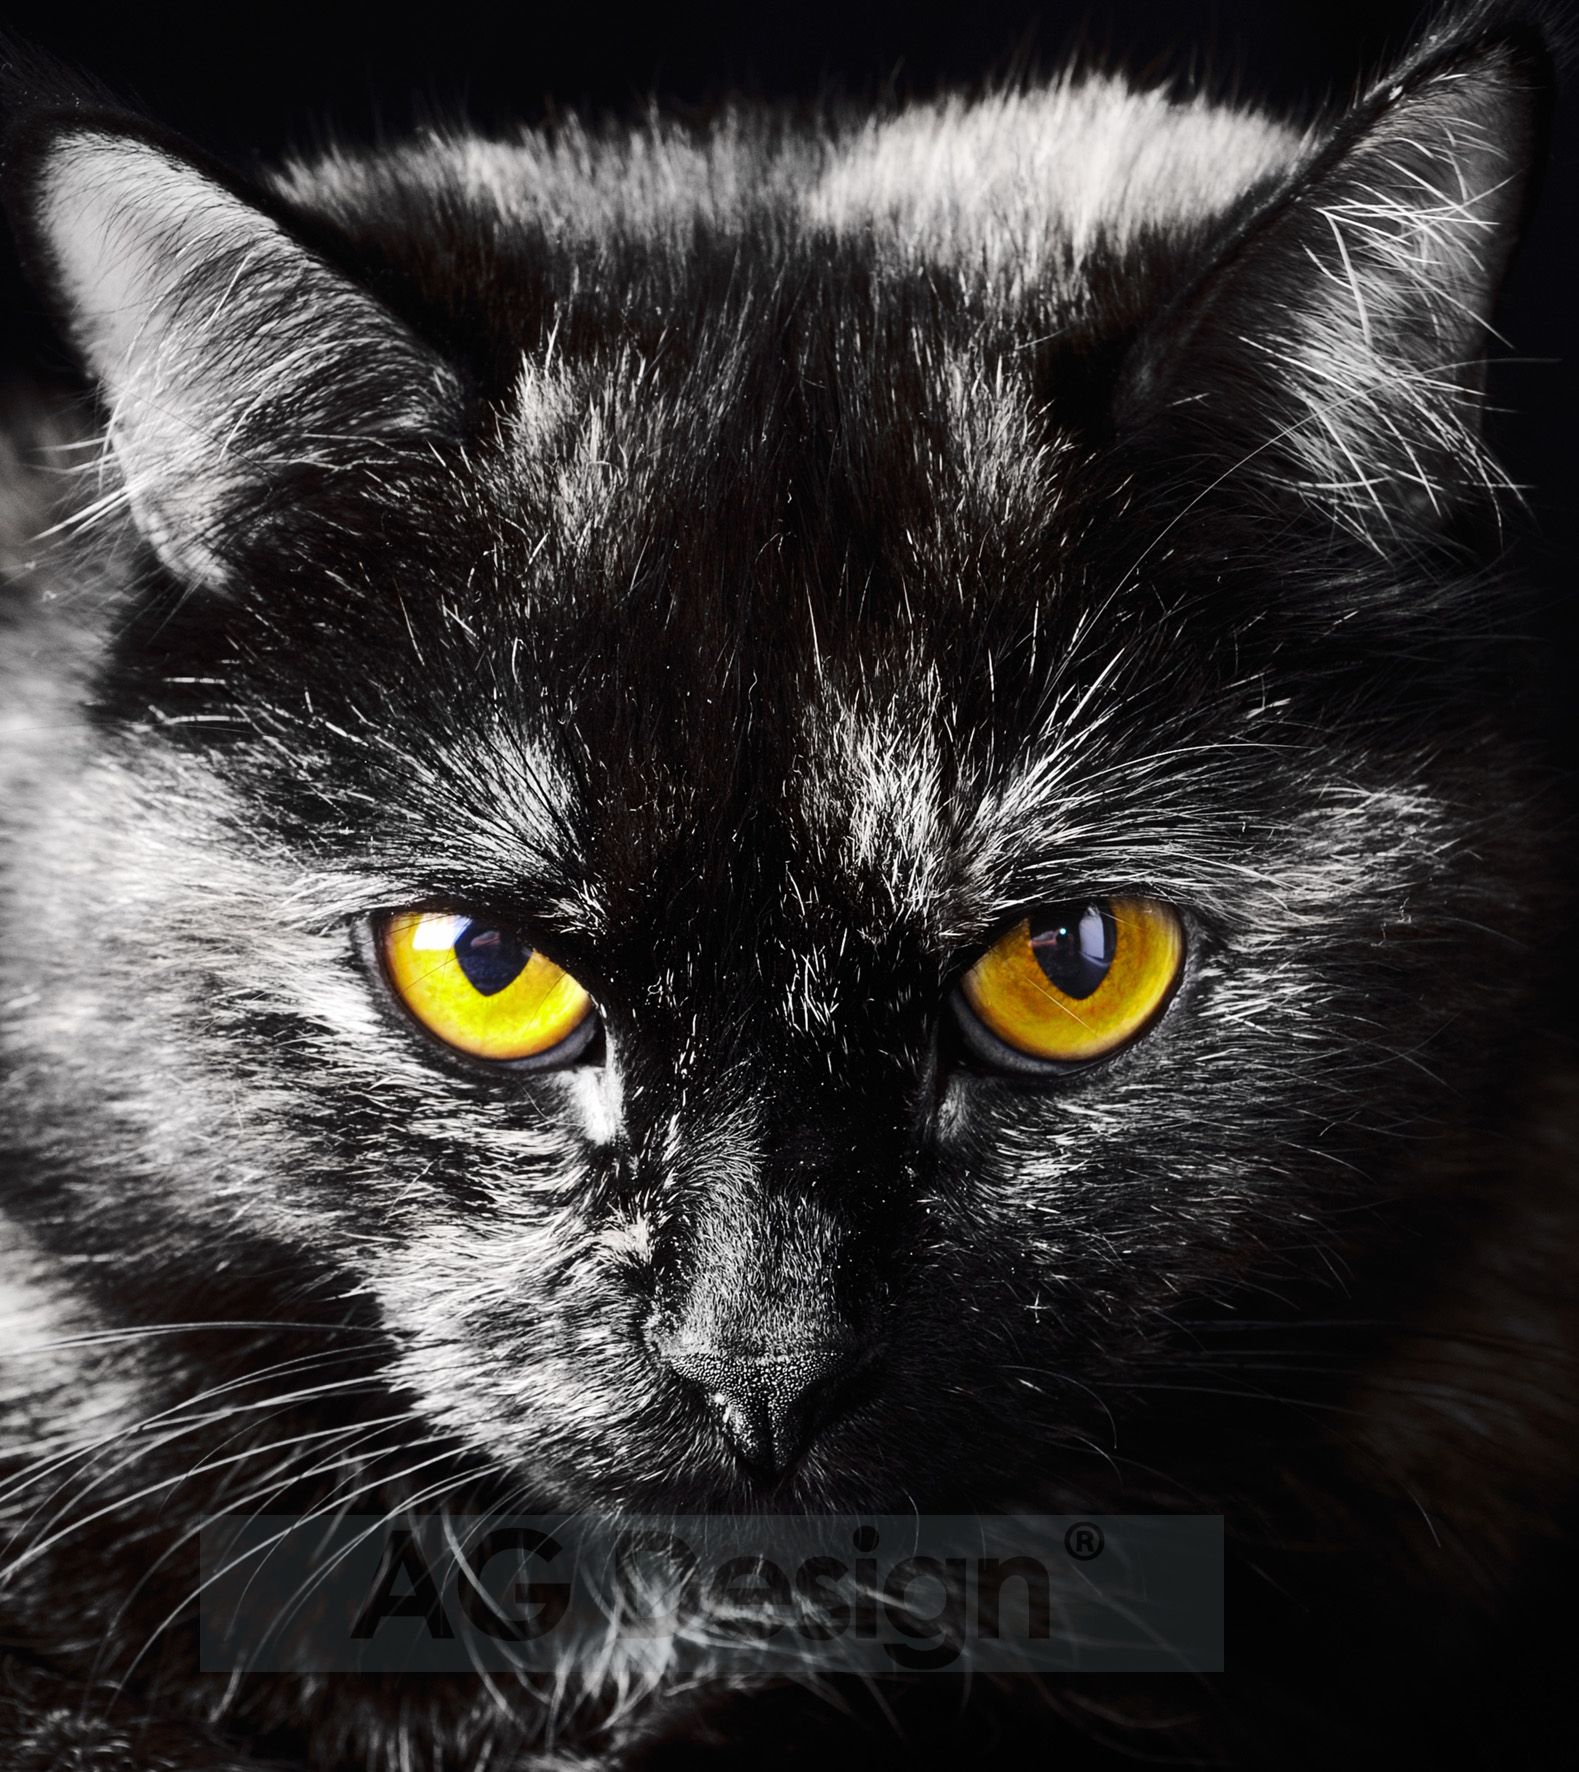 Fototapeta dvoudílná - kočka